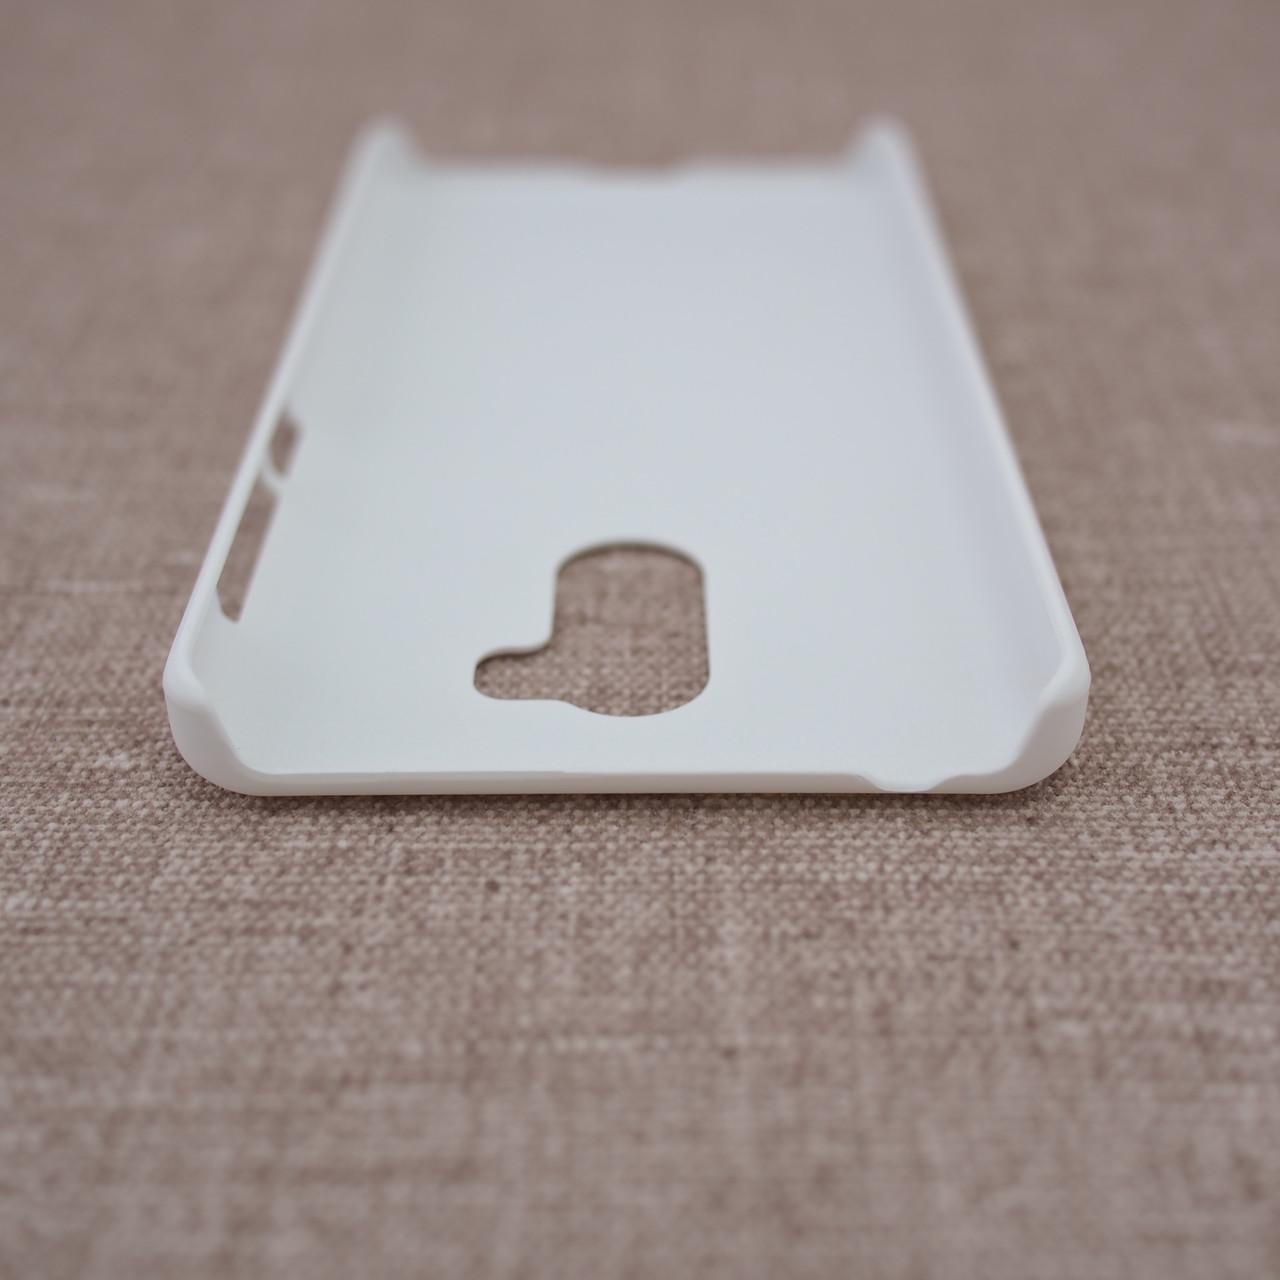 Накладка Nillkin Super Frosted Shield Xiaomi Redmi 4 Pro white